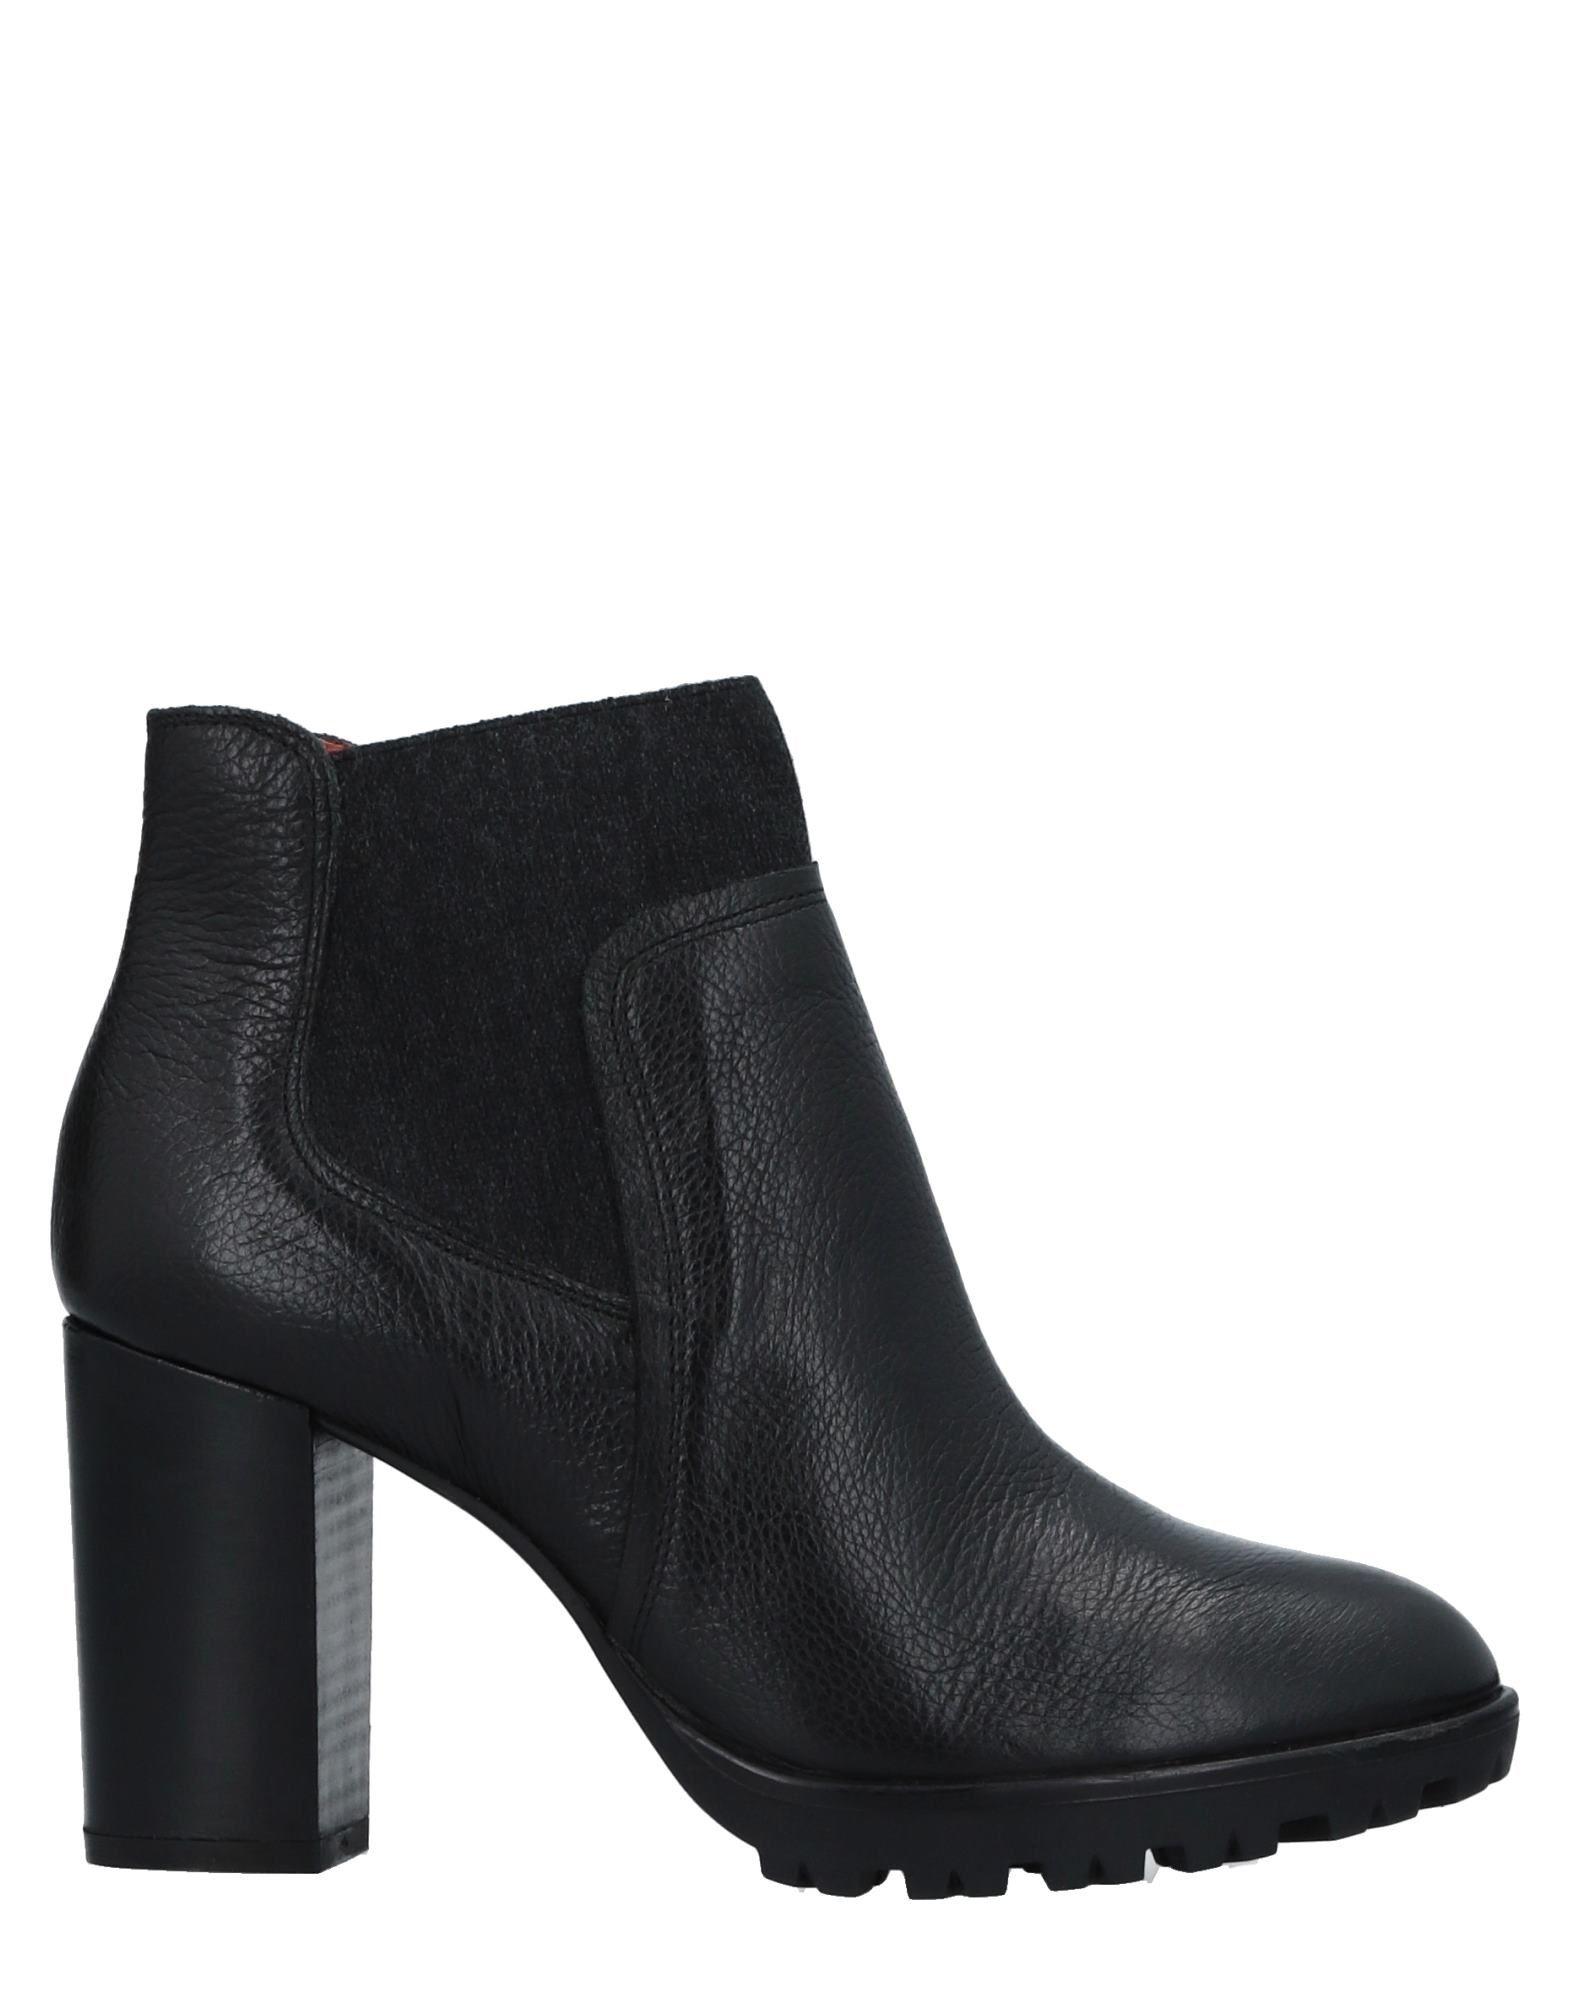 Bagatt Stiefelette Damen  11513155PC Gute Qualität beliebte Schuhe